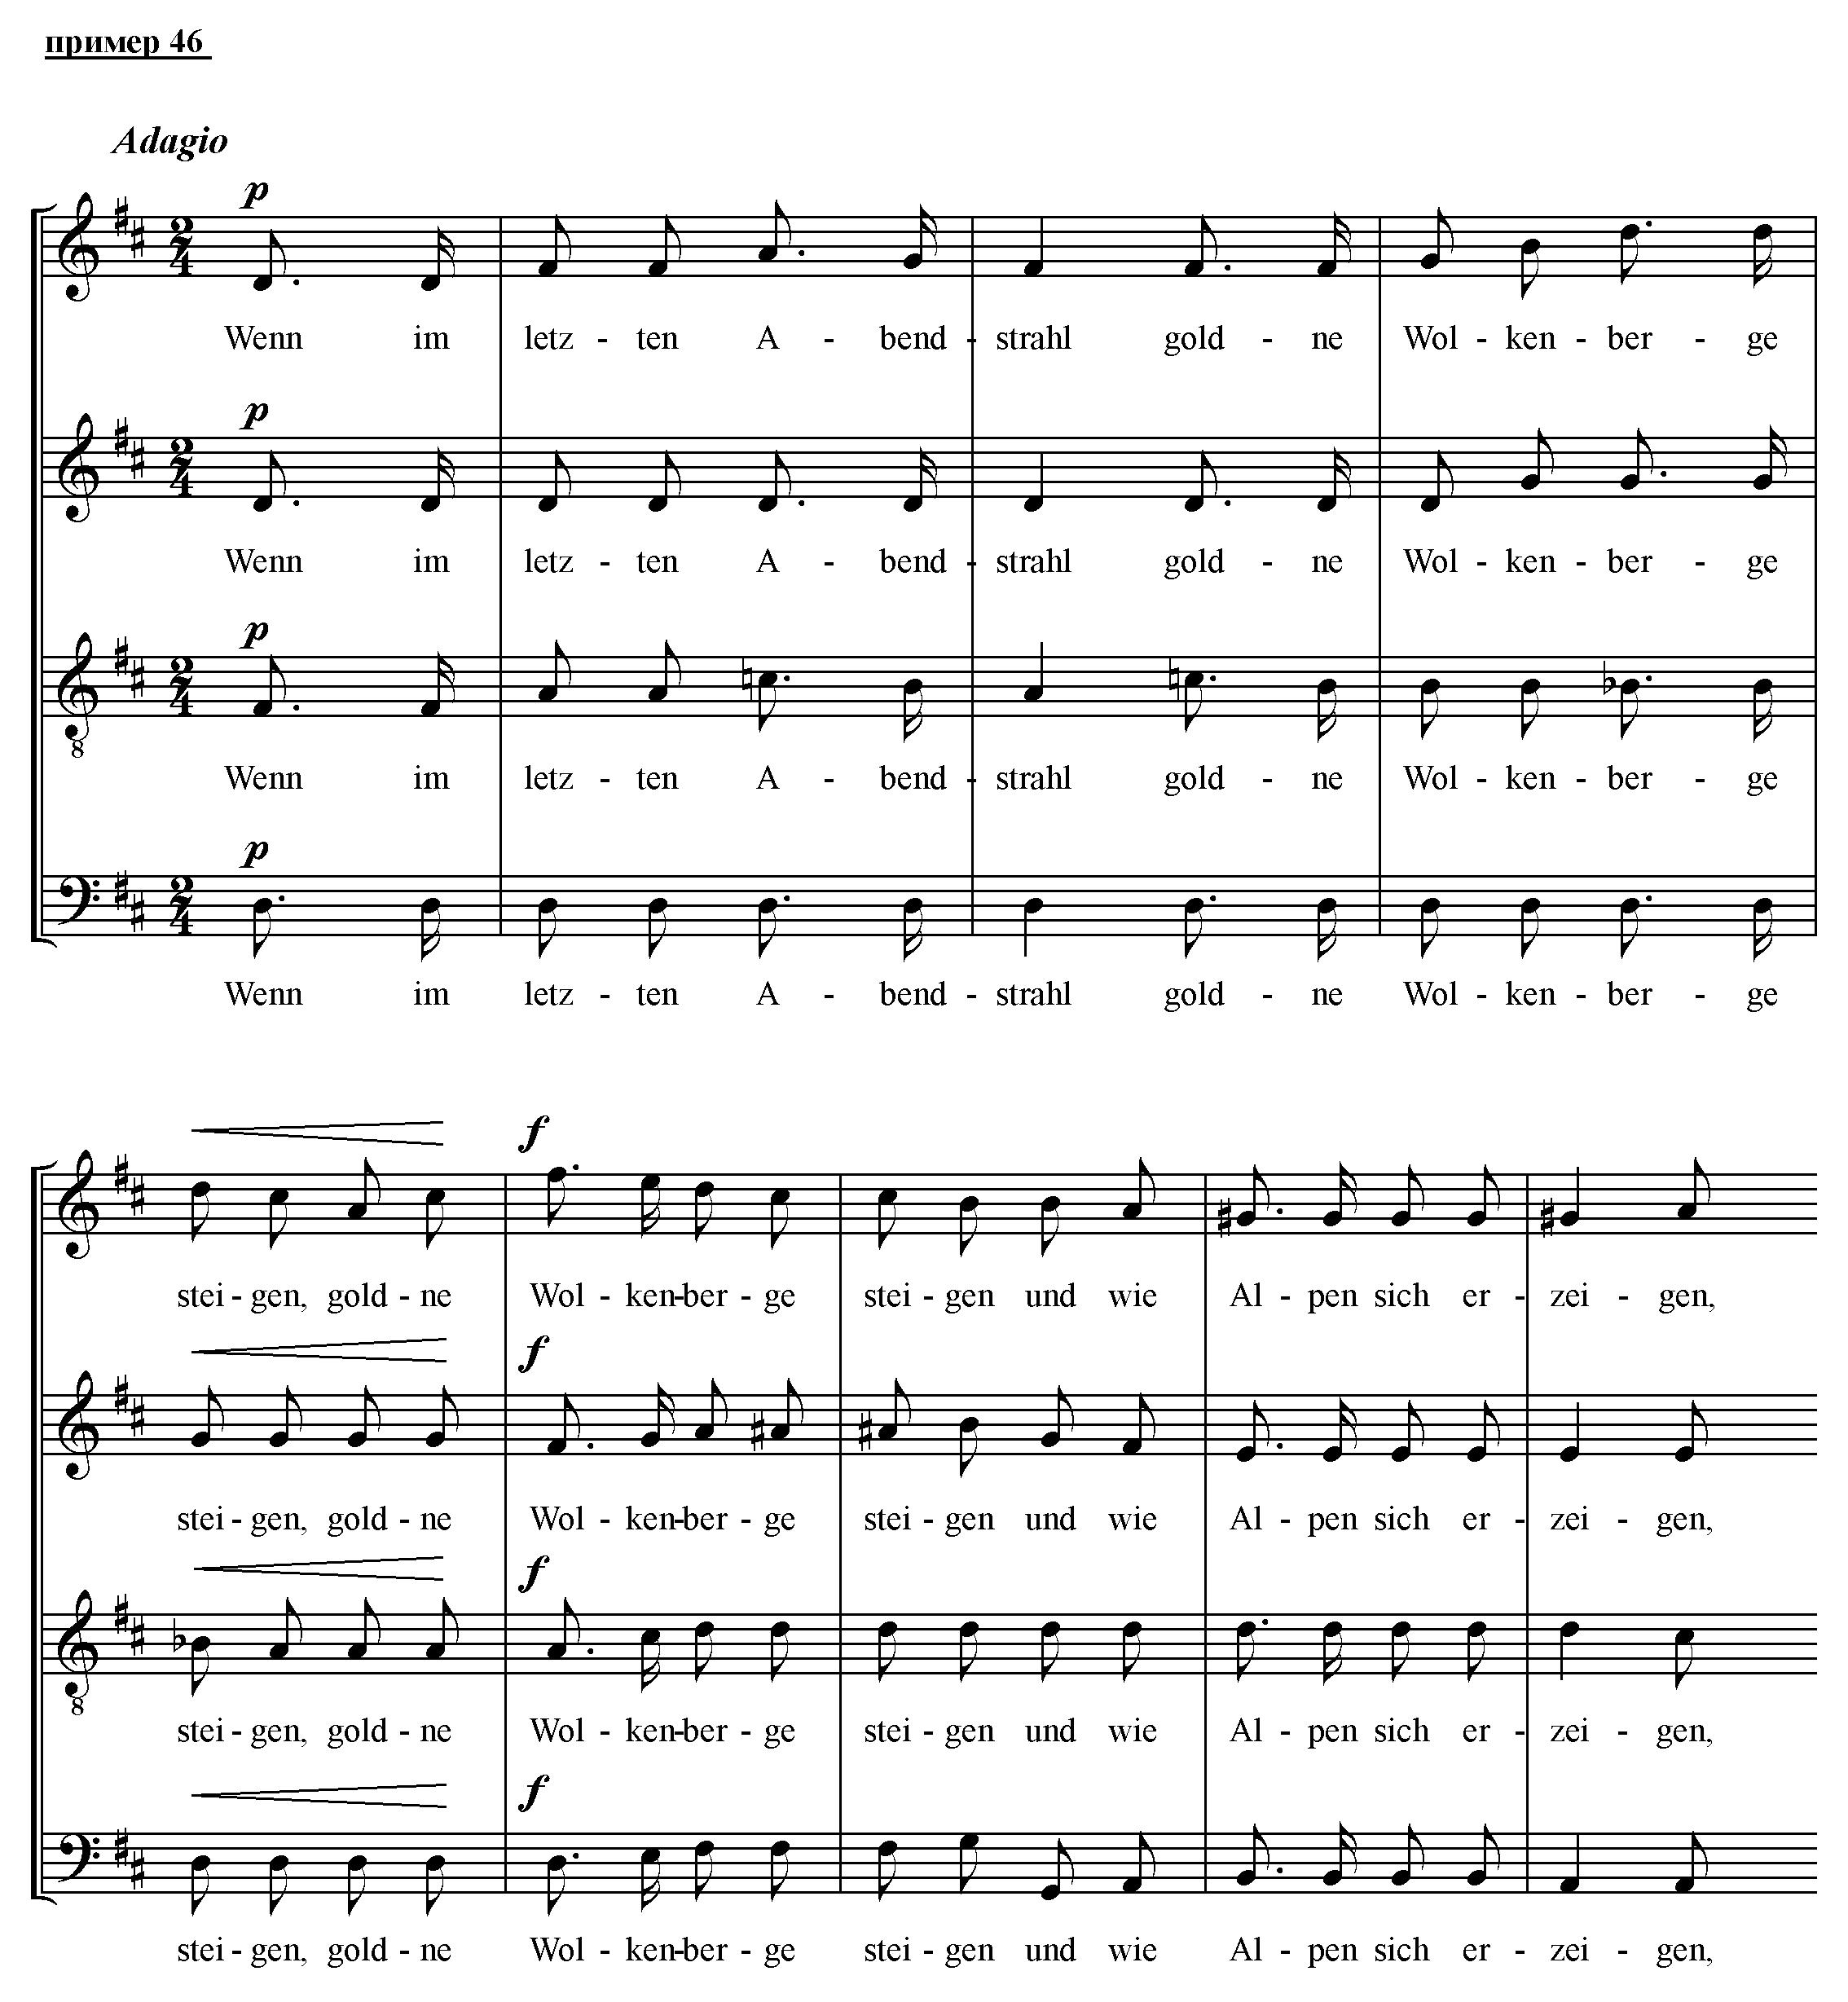 Схема формы вариаций в музыке